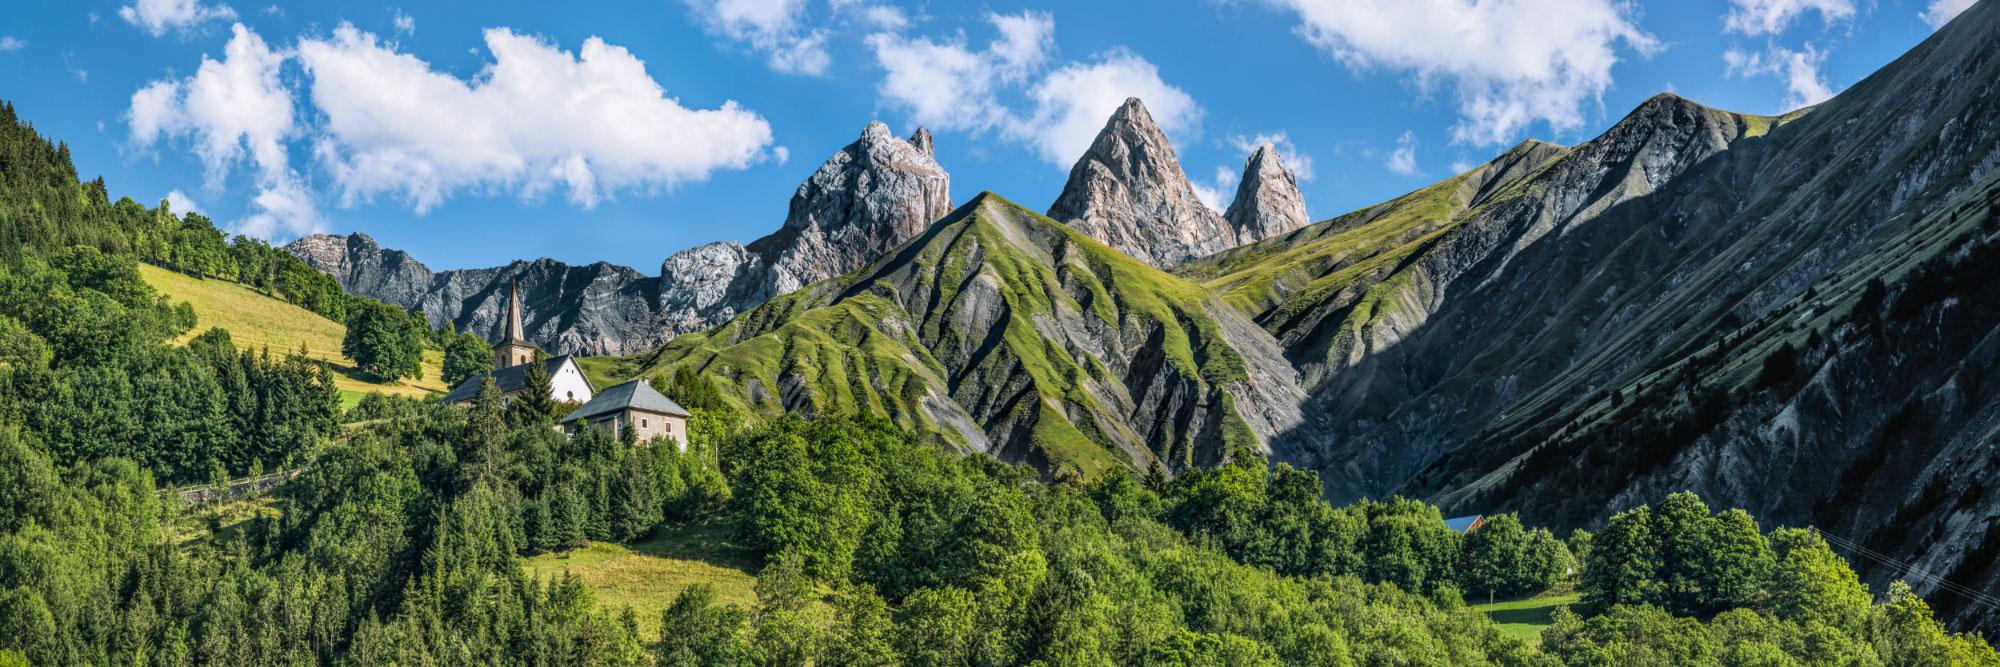 Eglise de Montrond sous les Aiguilles d'Arves (Maurienne)